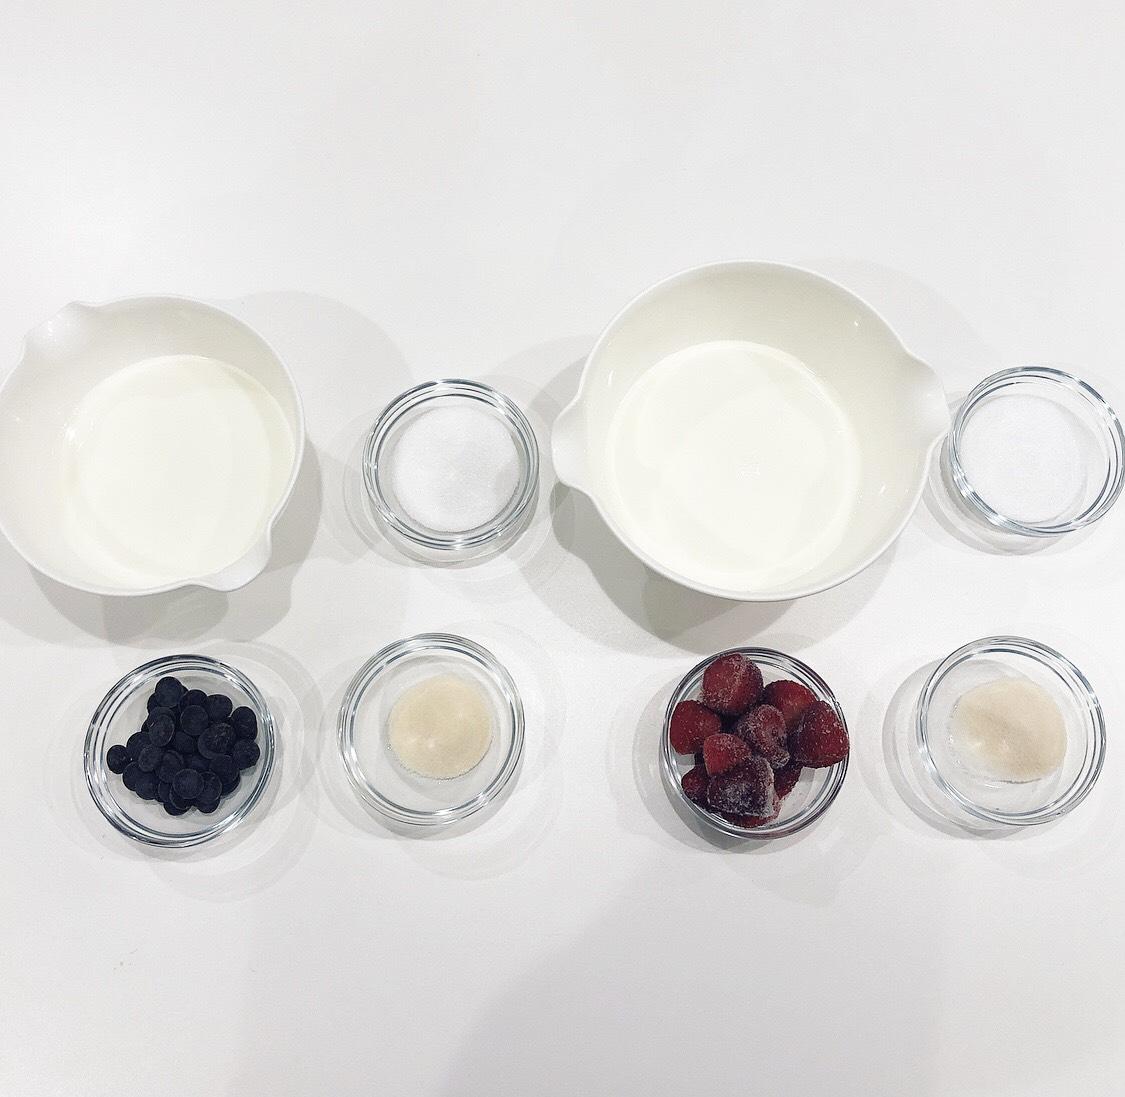 %e3%82%a4%e3%83%81%e3%82%b4%e3%83%9f%e3%83%ab%e3%82%af%e3%83%81%e3%83%a7%e3%82%b3%e3%83%ac%e3%83%bc%e3%83%88%e3%83%97%e3%83%aa%e3%83%b3-kaori-recipe-strawberry-milk-chocolate-purin-%e7%94%9c%e9%bb9-2